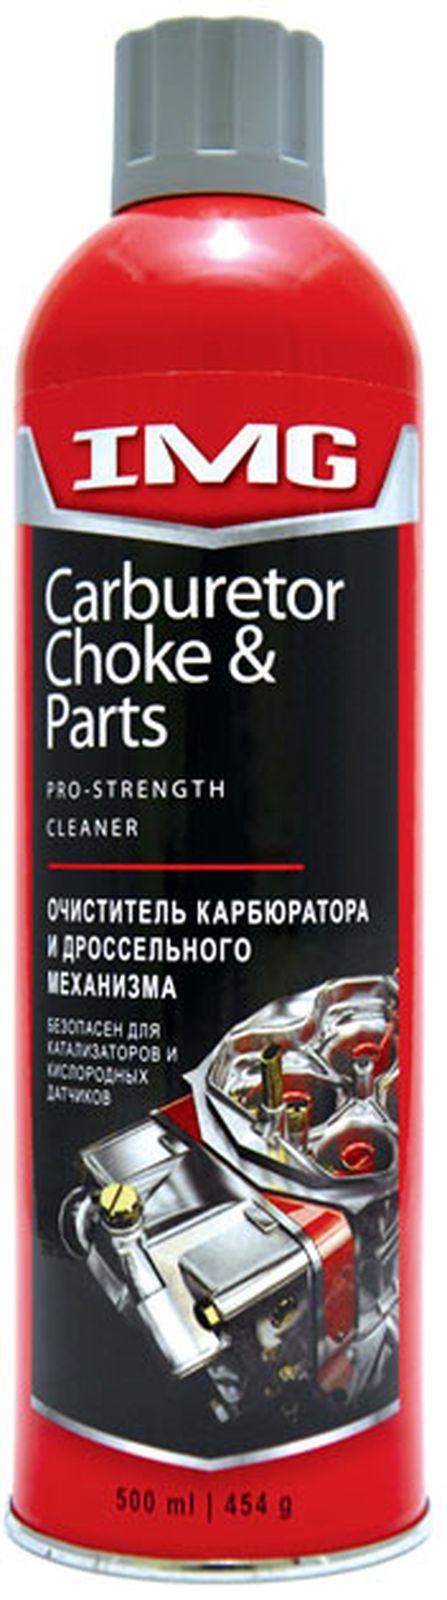 Очиститель карбюратора IMG, 454 г